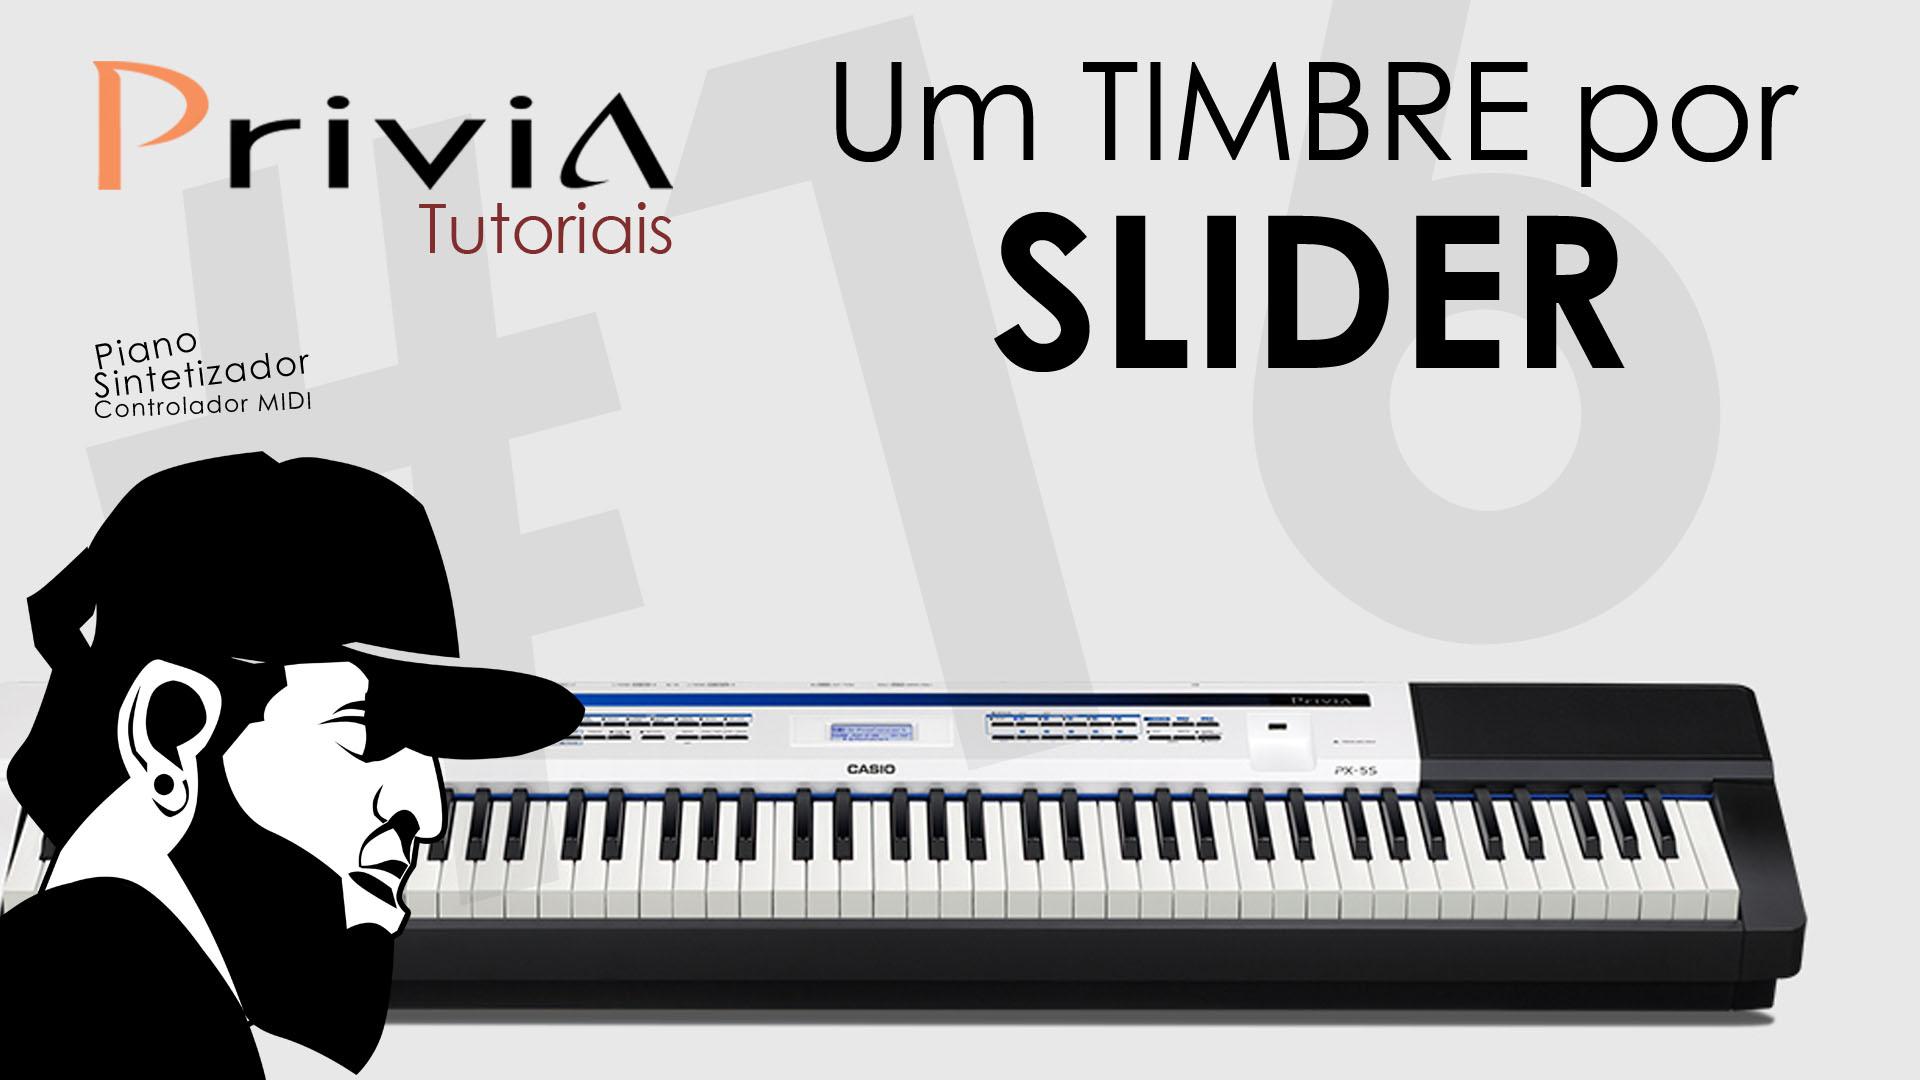 Tutorial Casio Privia PX 5S #16 – Stage Settings – Como Configurar Um Timbre Pra Cada Slider?